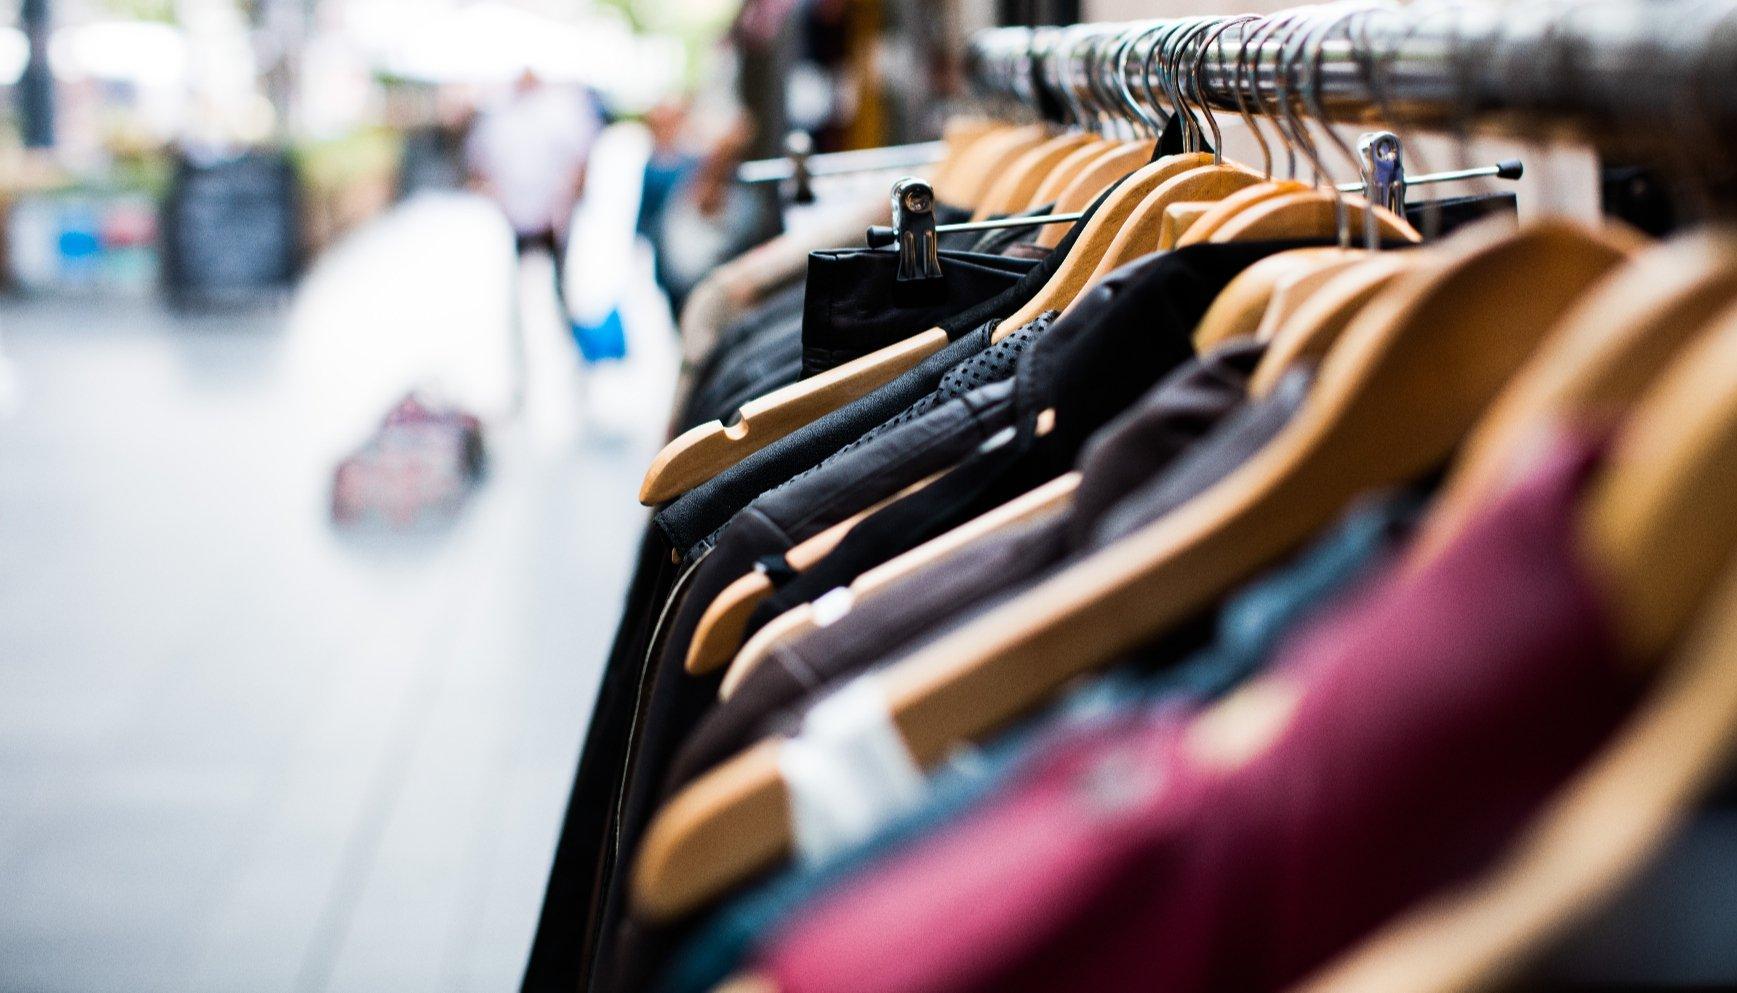 ملابس وَ منسوجات